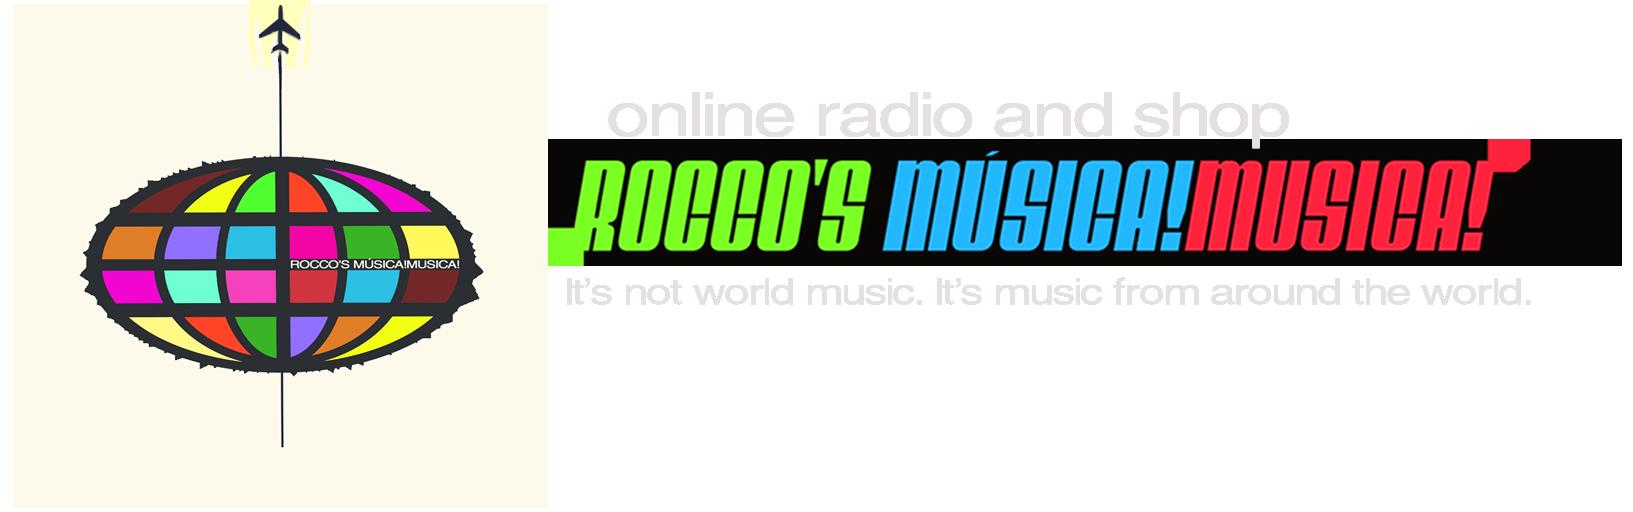 Rocco's Música!Musica!